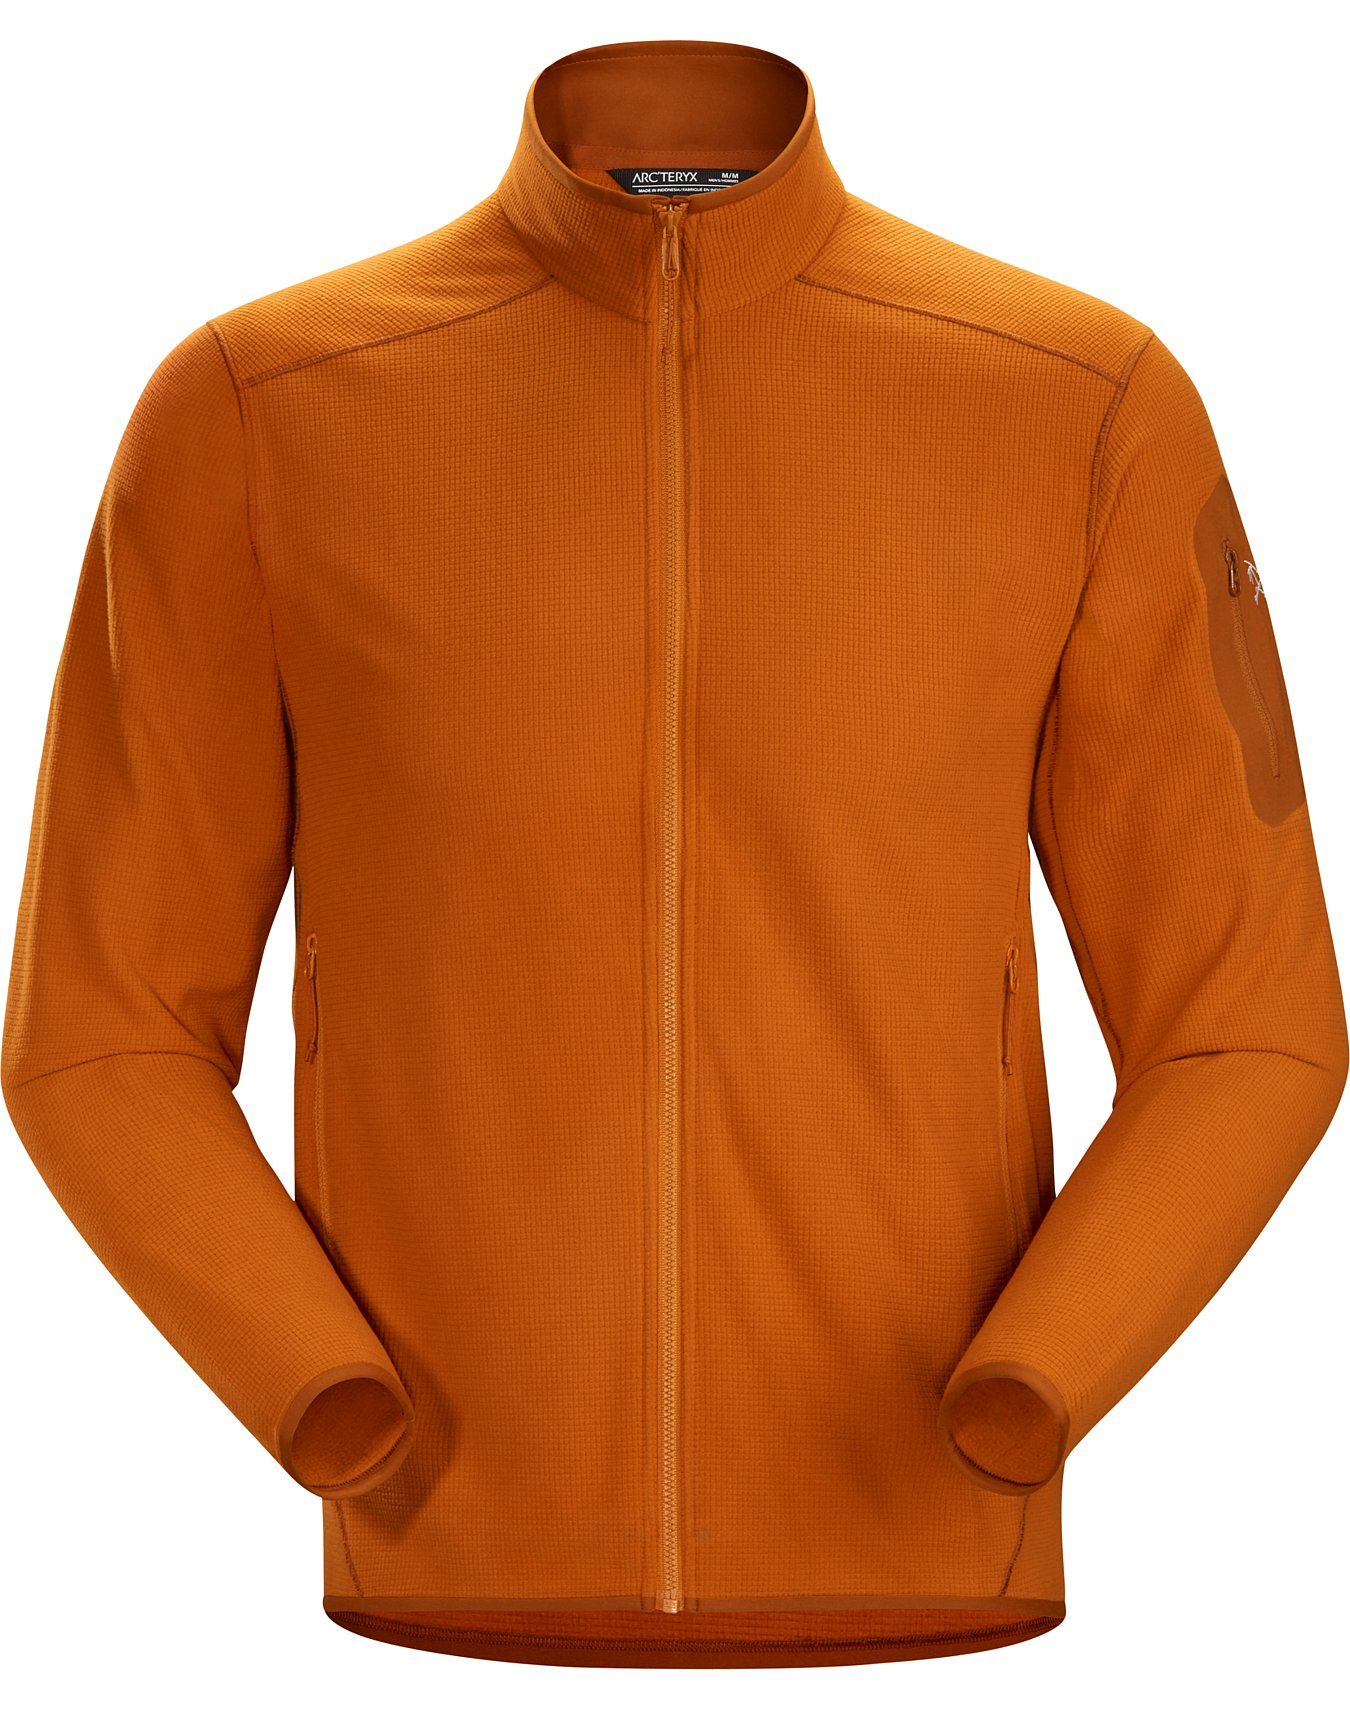 Herock Verus Sweater Fleece Work Jacket